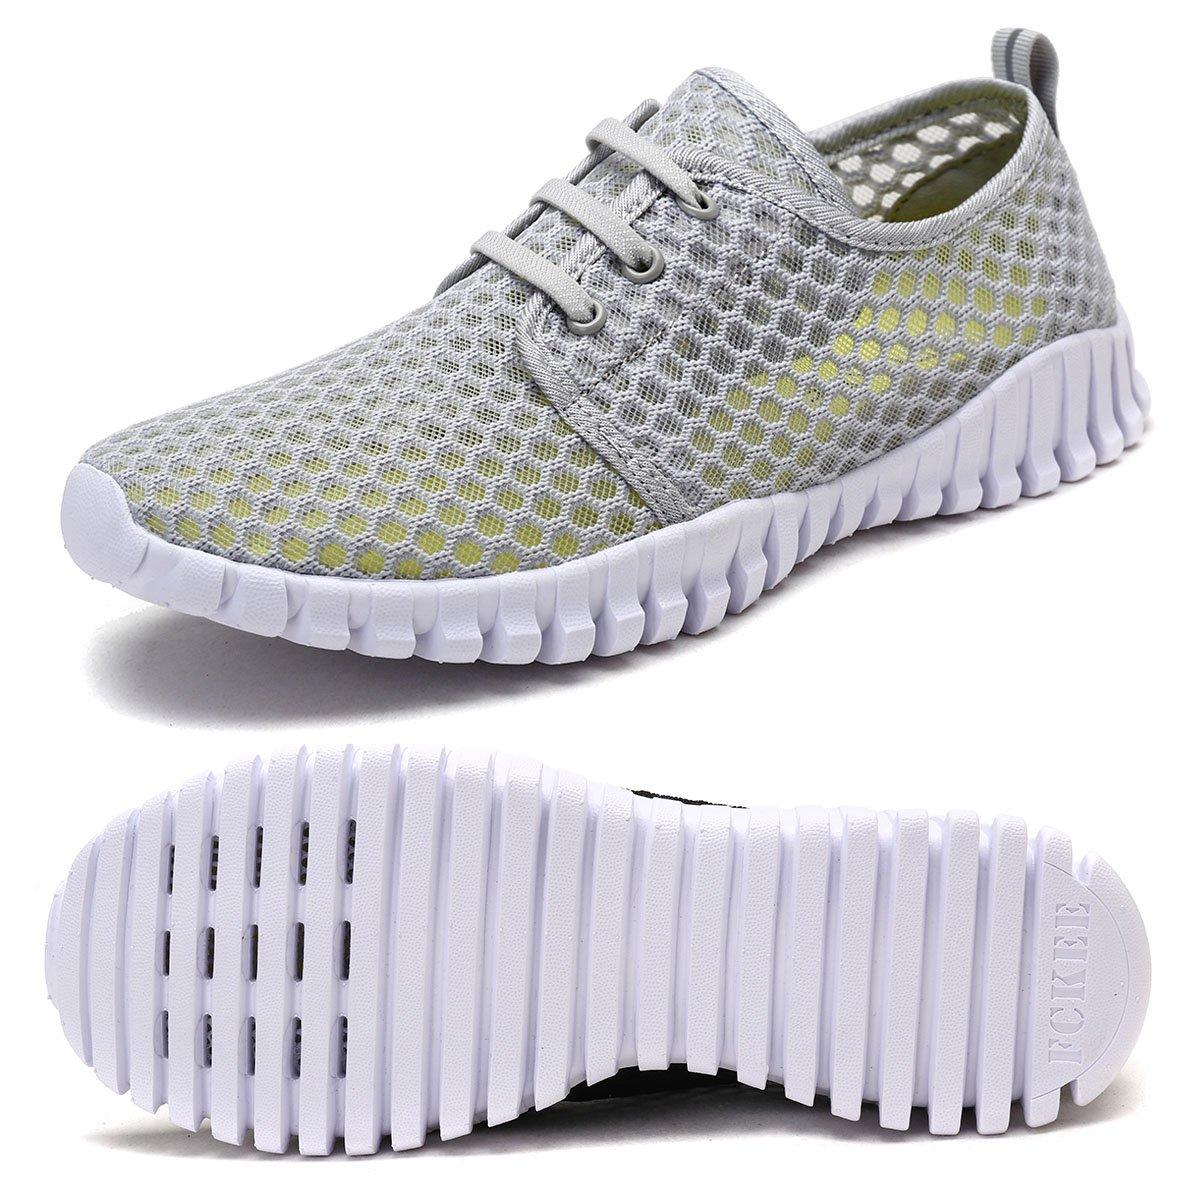 FCKEE Quick Drying Mesh Water Aqua Shoes Men Women